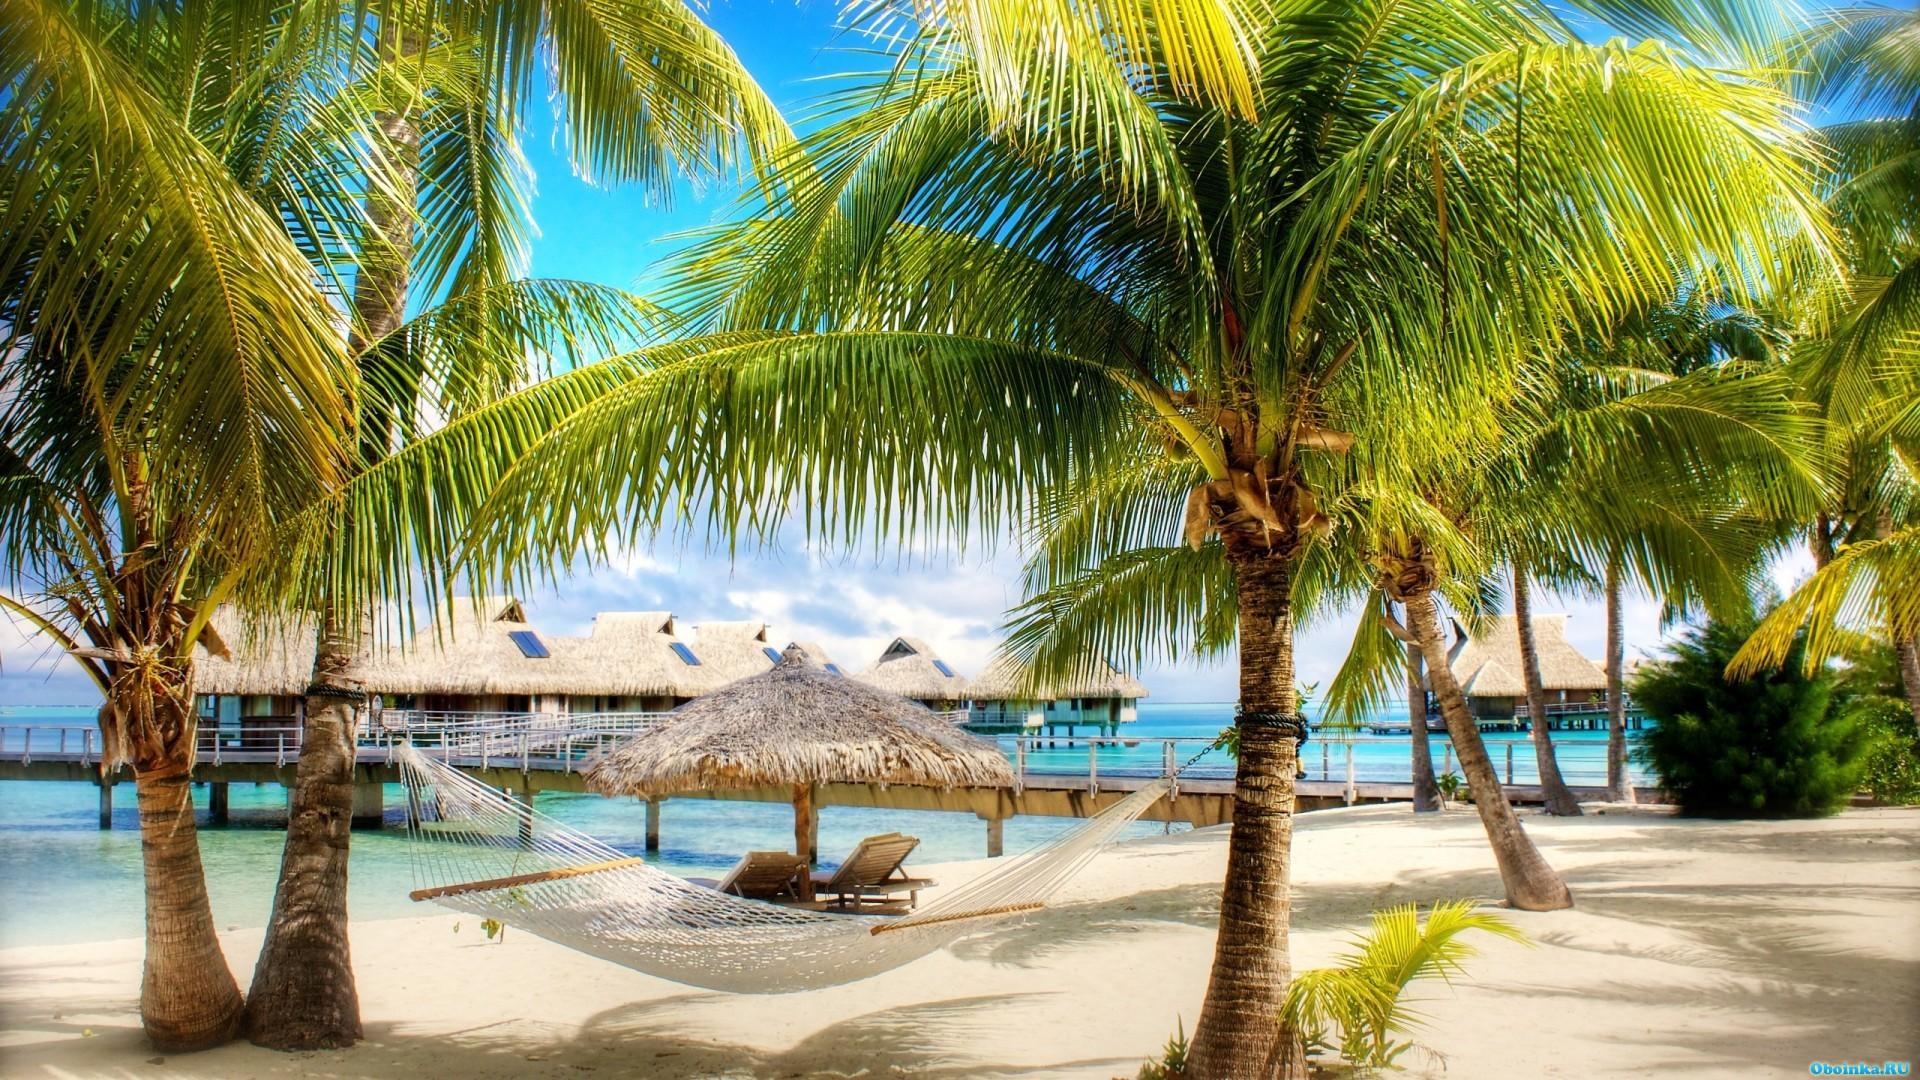 Пальмы на тропическом пляже обои скачать